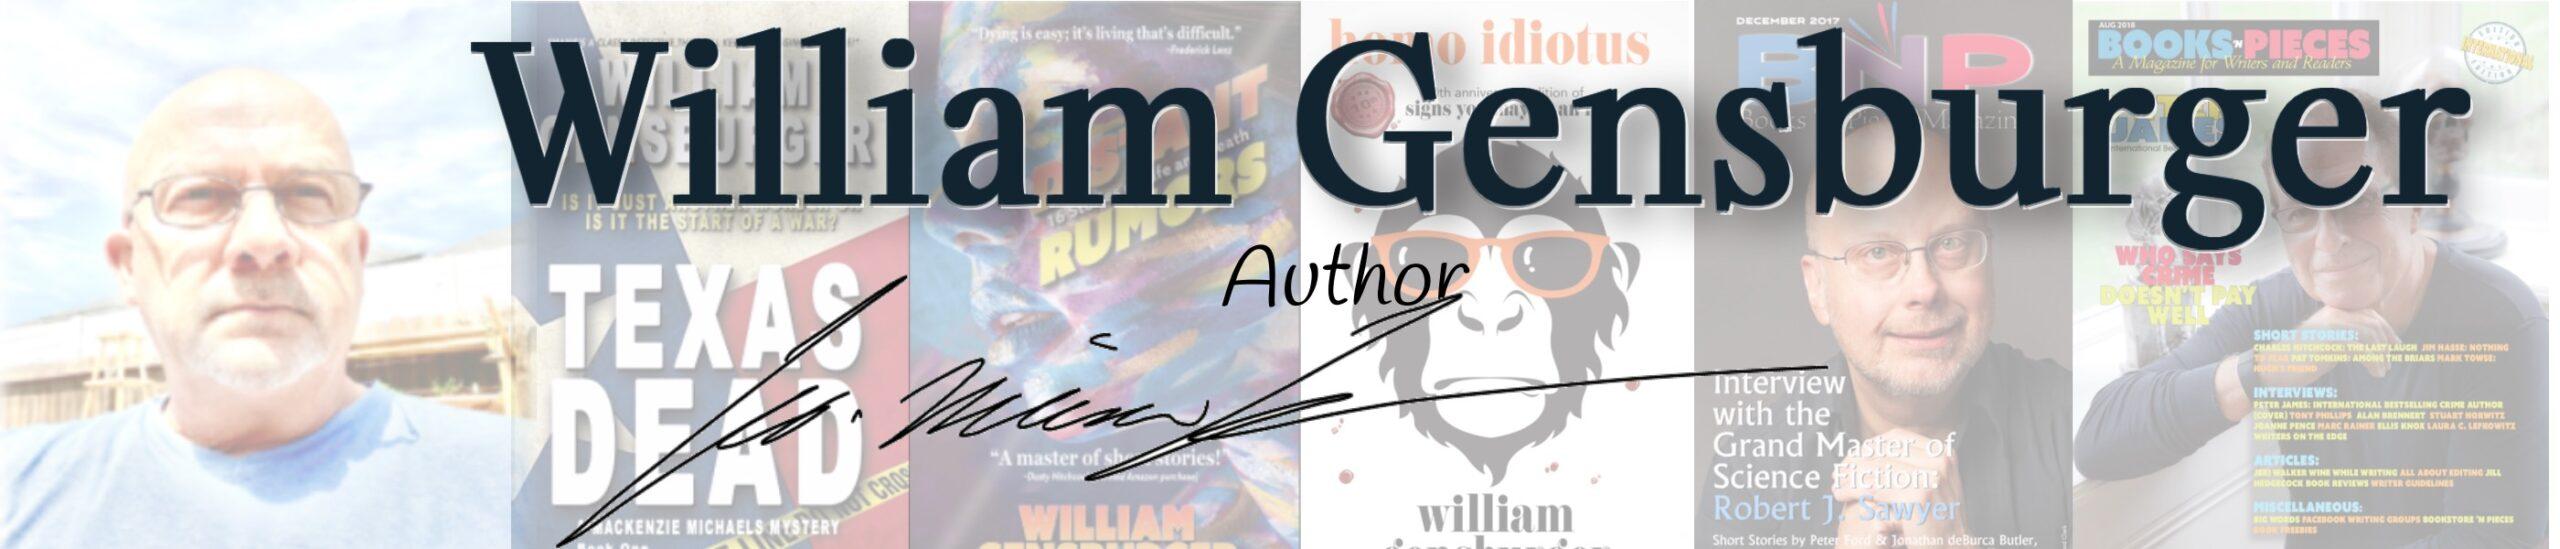 WILLIAM GENSBURGER